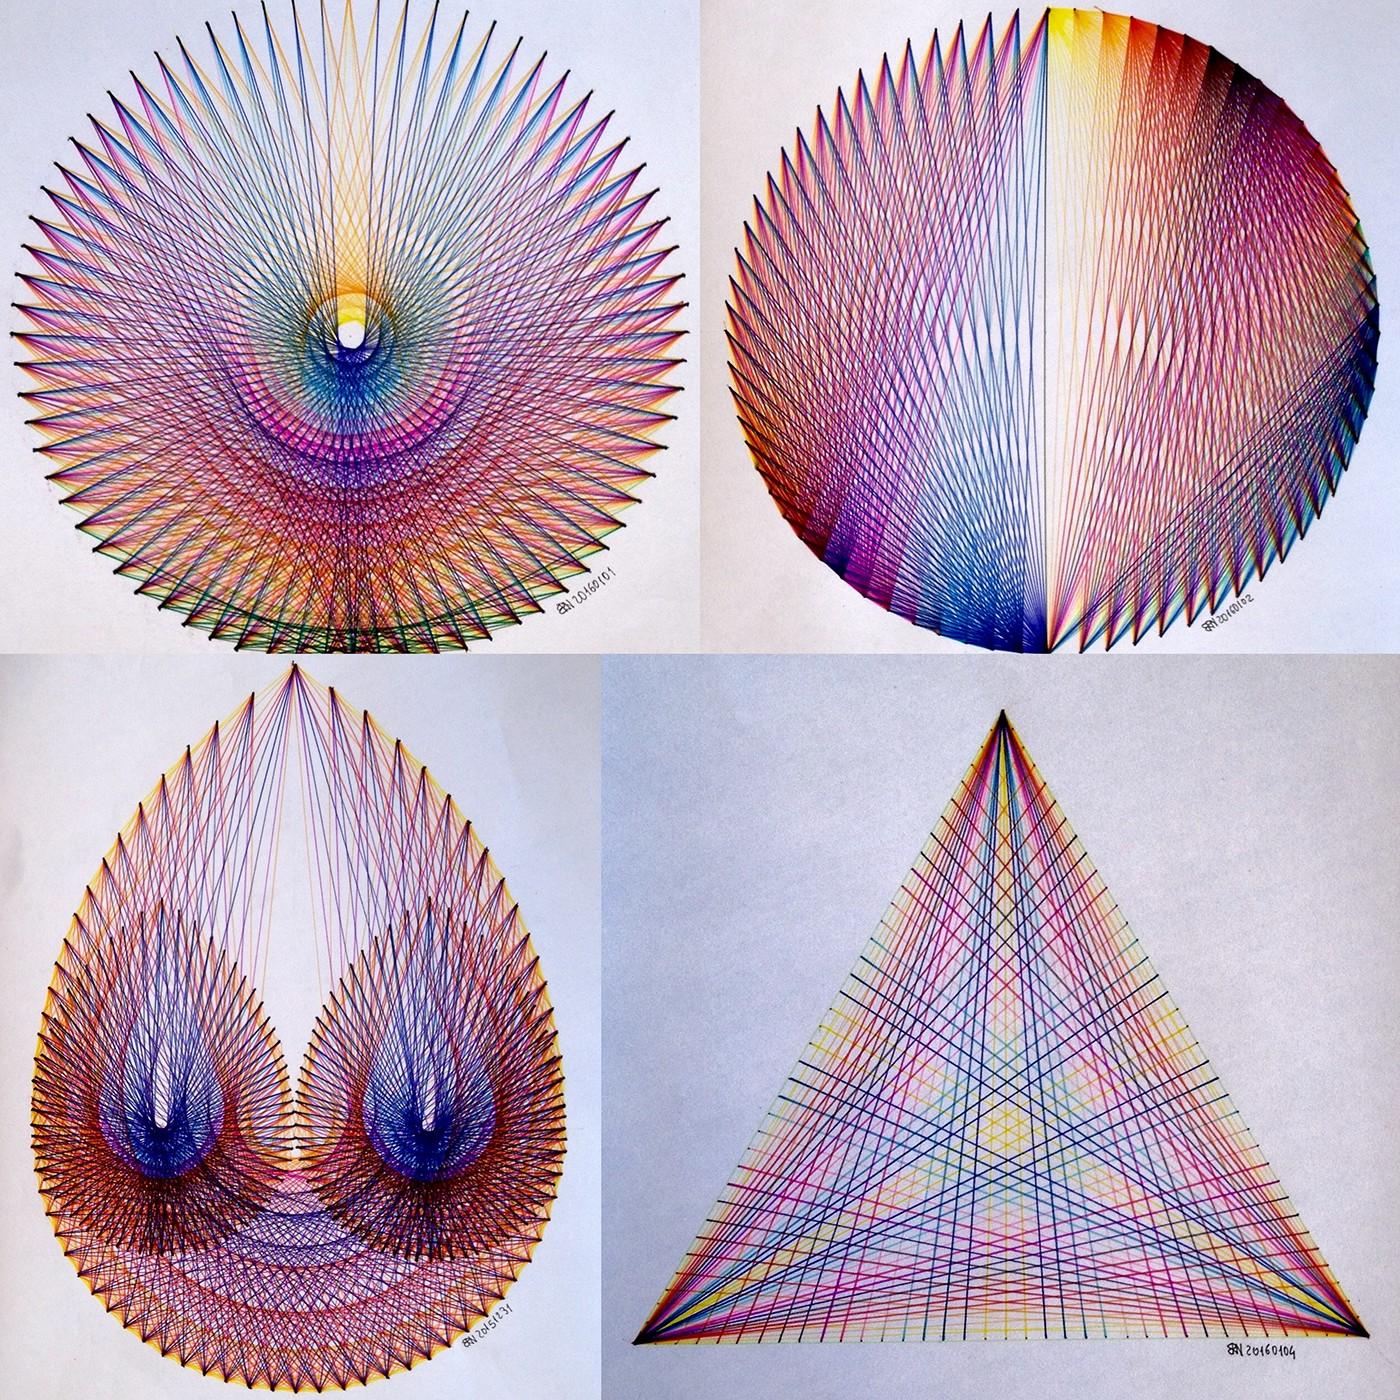 Simetr a su importancia en el dise o y creativos ejemplos for Diseno grafico interiores